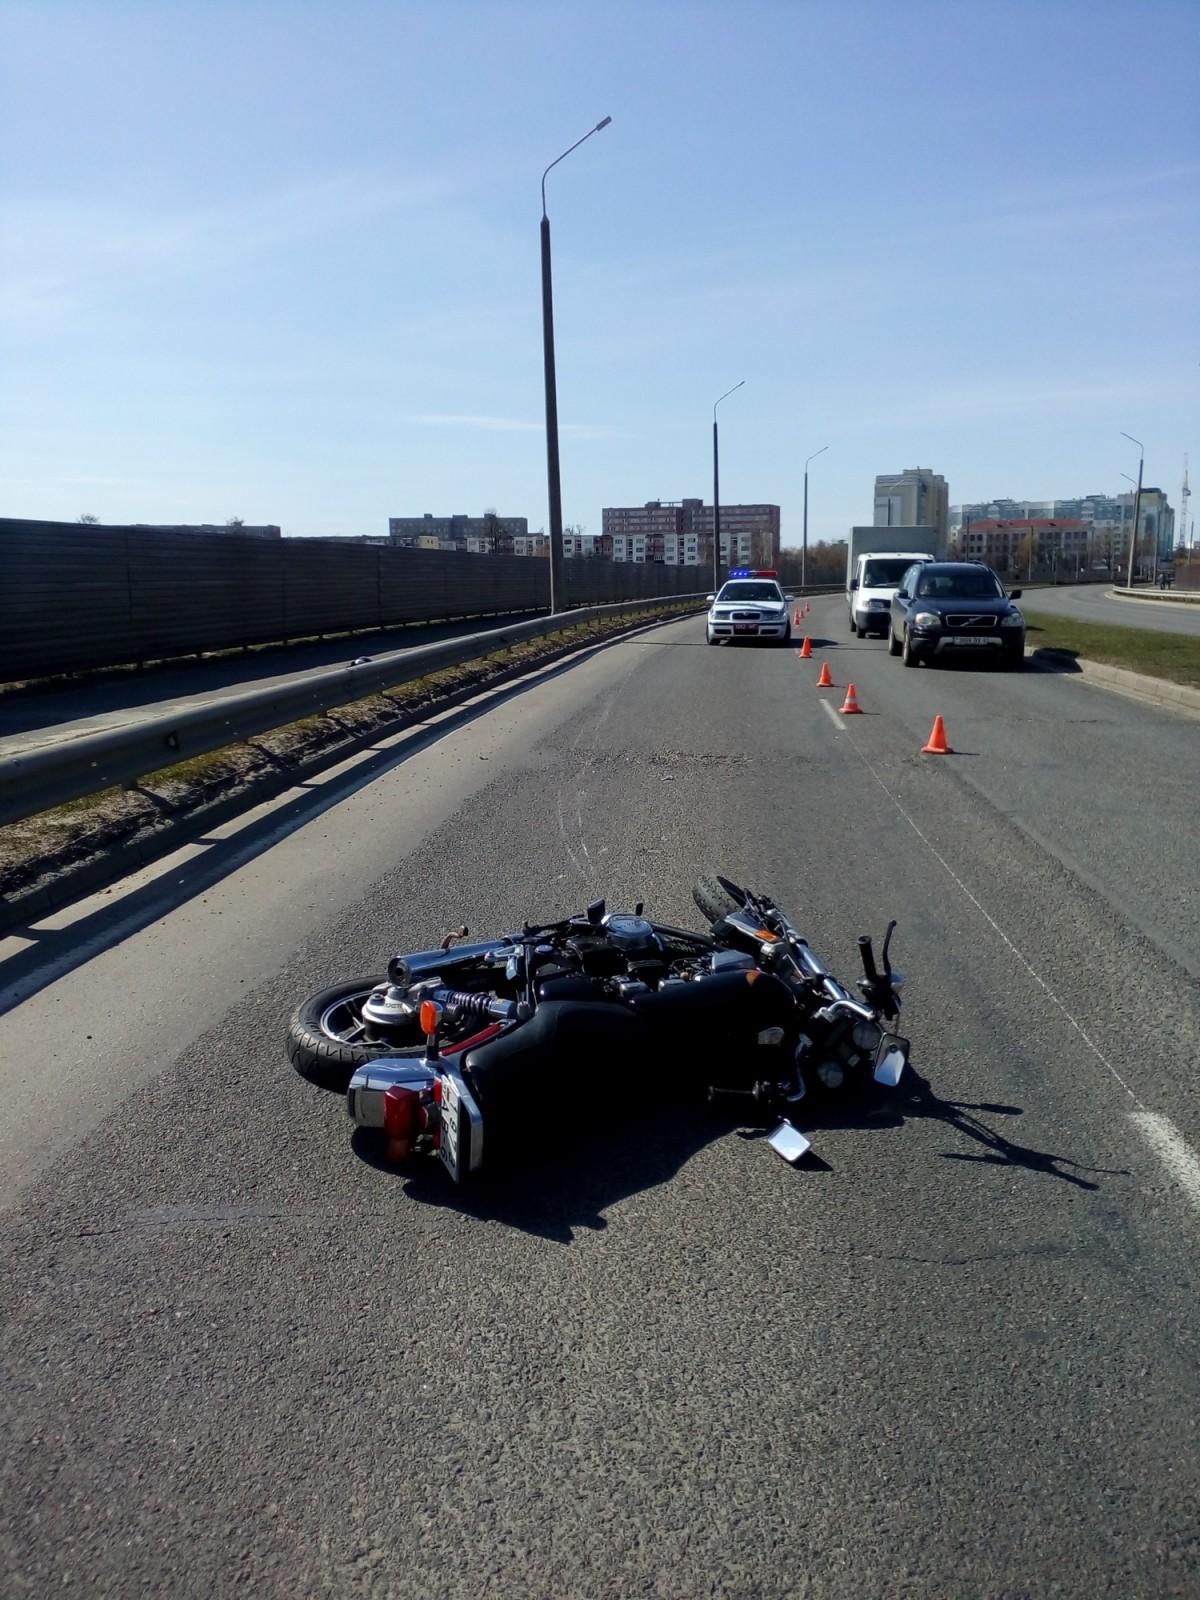 Дорожно-транспортное происшествие с тяжелыми последствиями, с участием мотоциклиста, произошло 3 апреля.